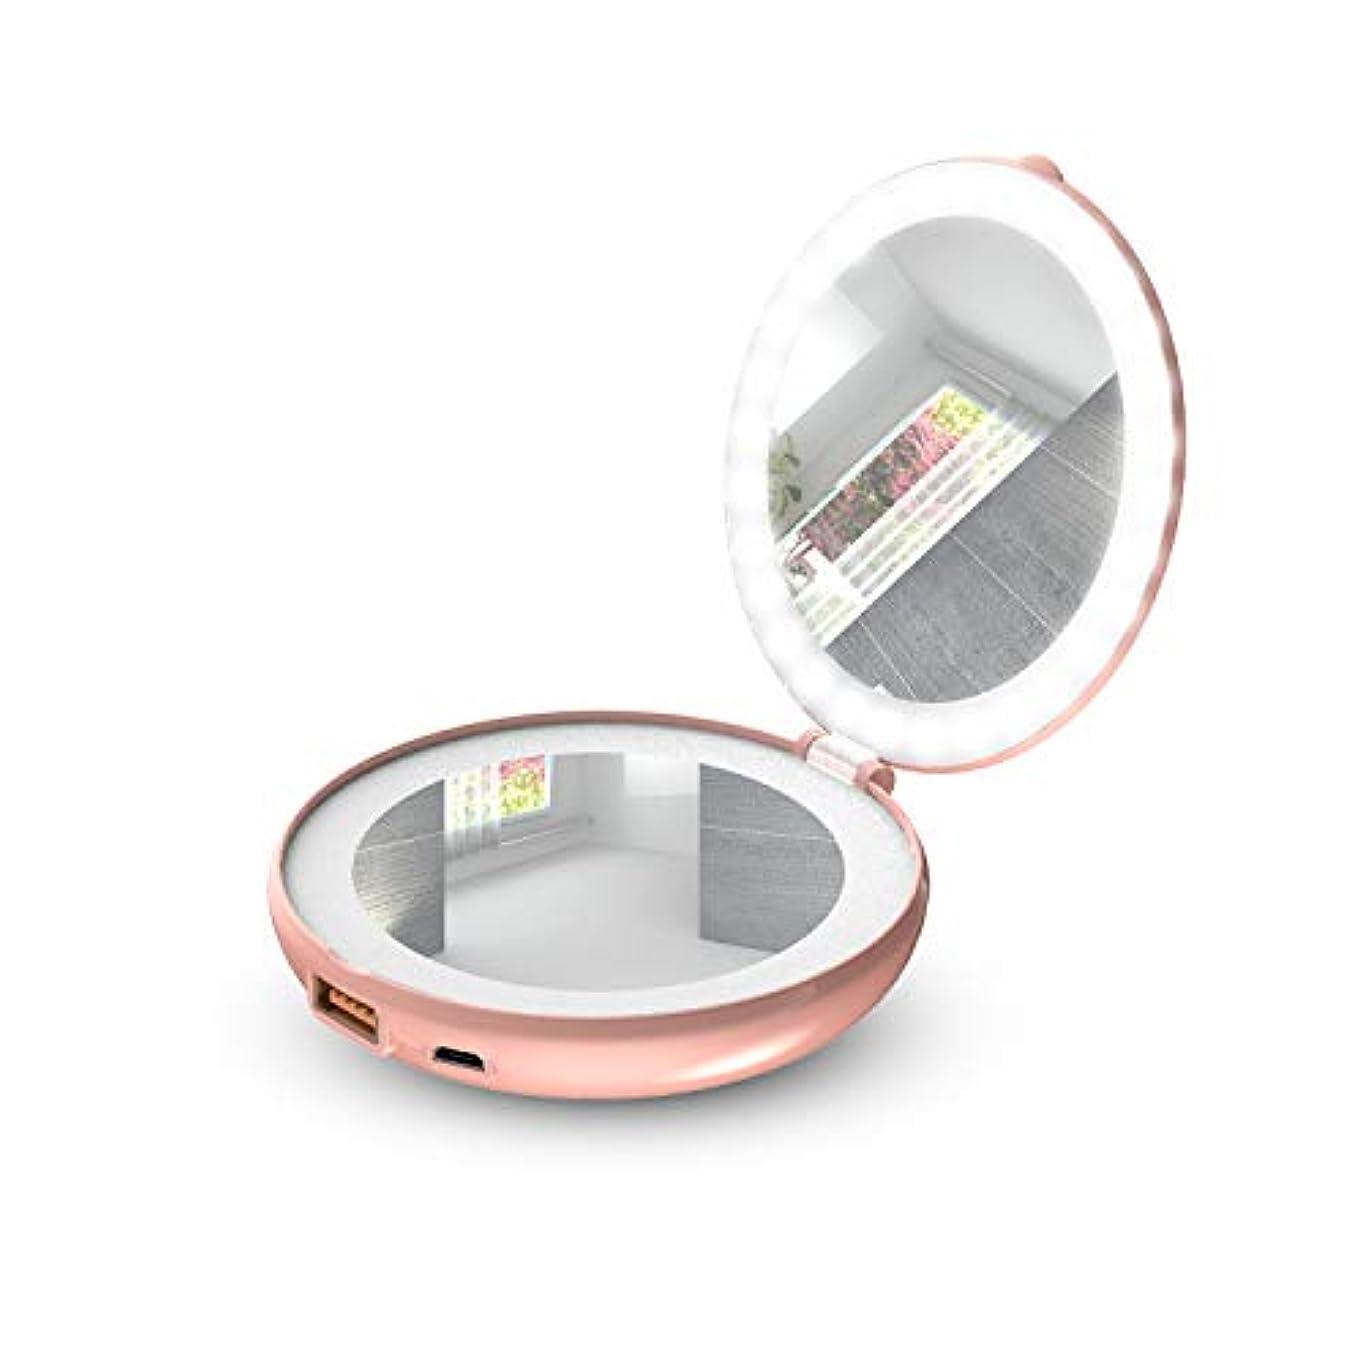 暗いホイットニー買い物に行く手鏡 折り畳み式化粧鏡 メイクアップミラー LEDライト&モバイルバッテリー付き (ローズゴールド)